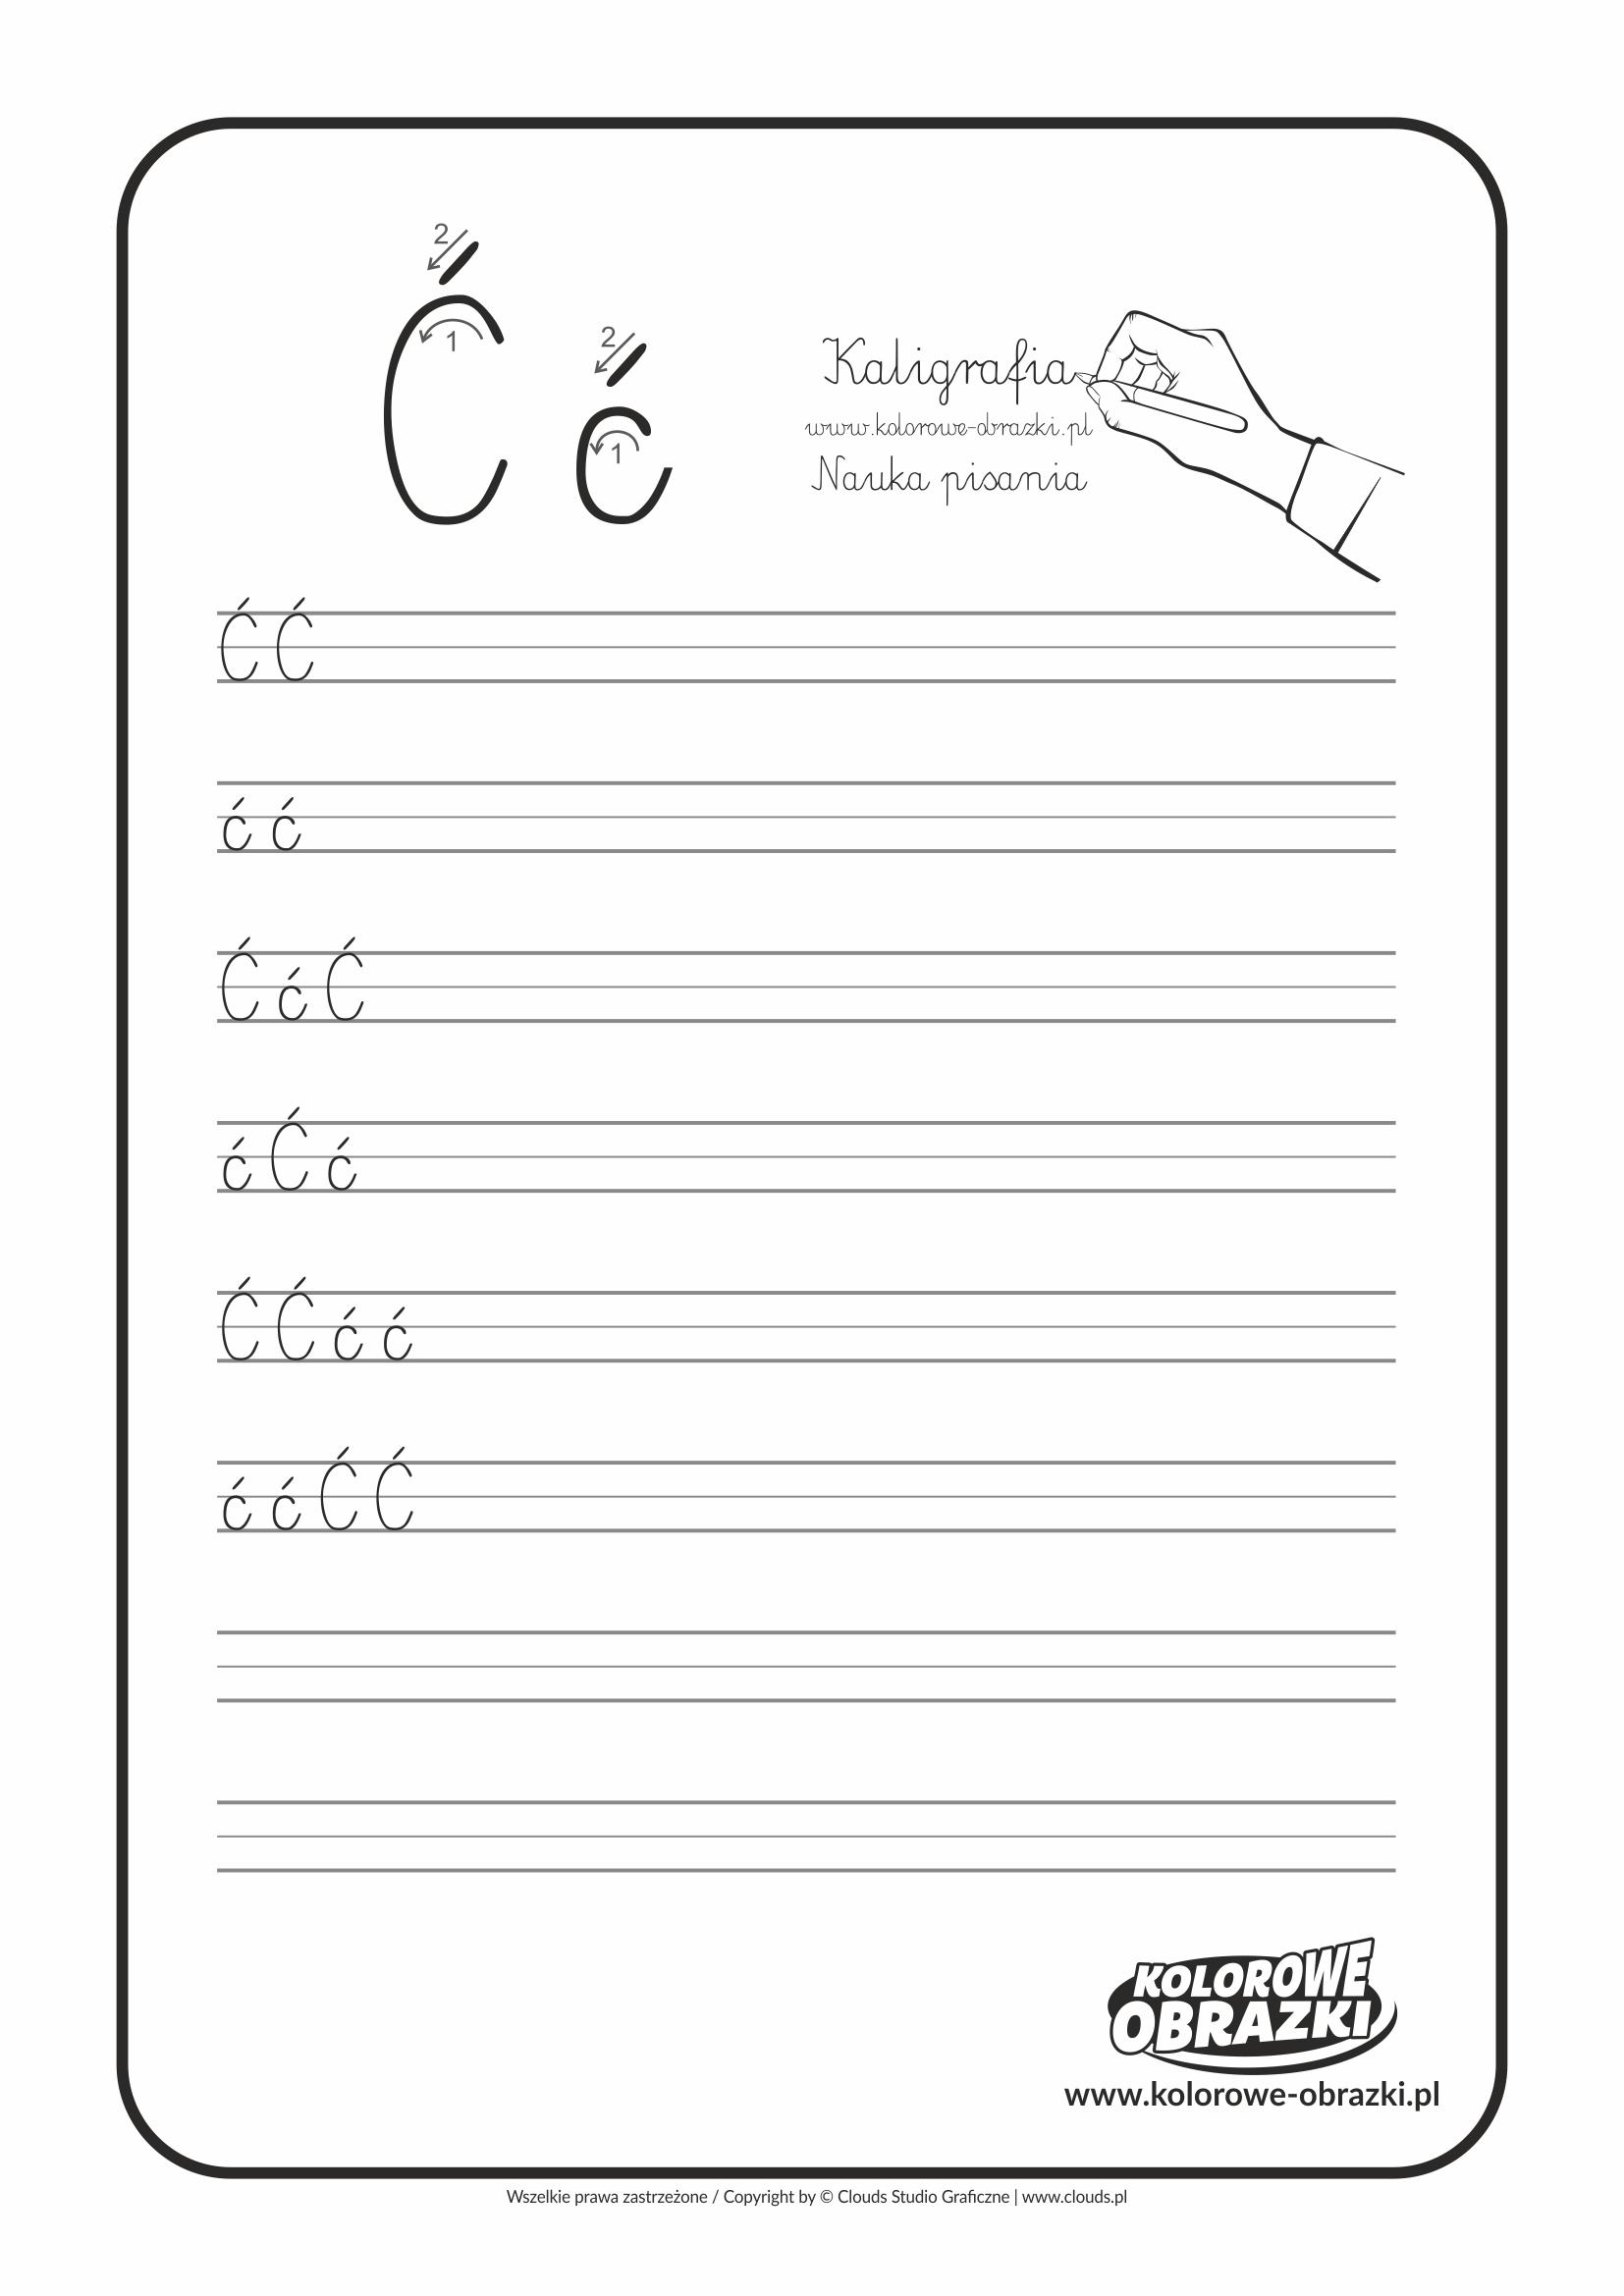 Kaligrafia dla dzieci - Ćwiczenia kaligraficzne / Litera Ć. Nauka pisania litery Ć